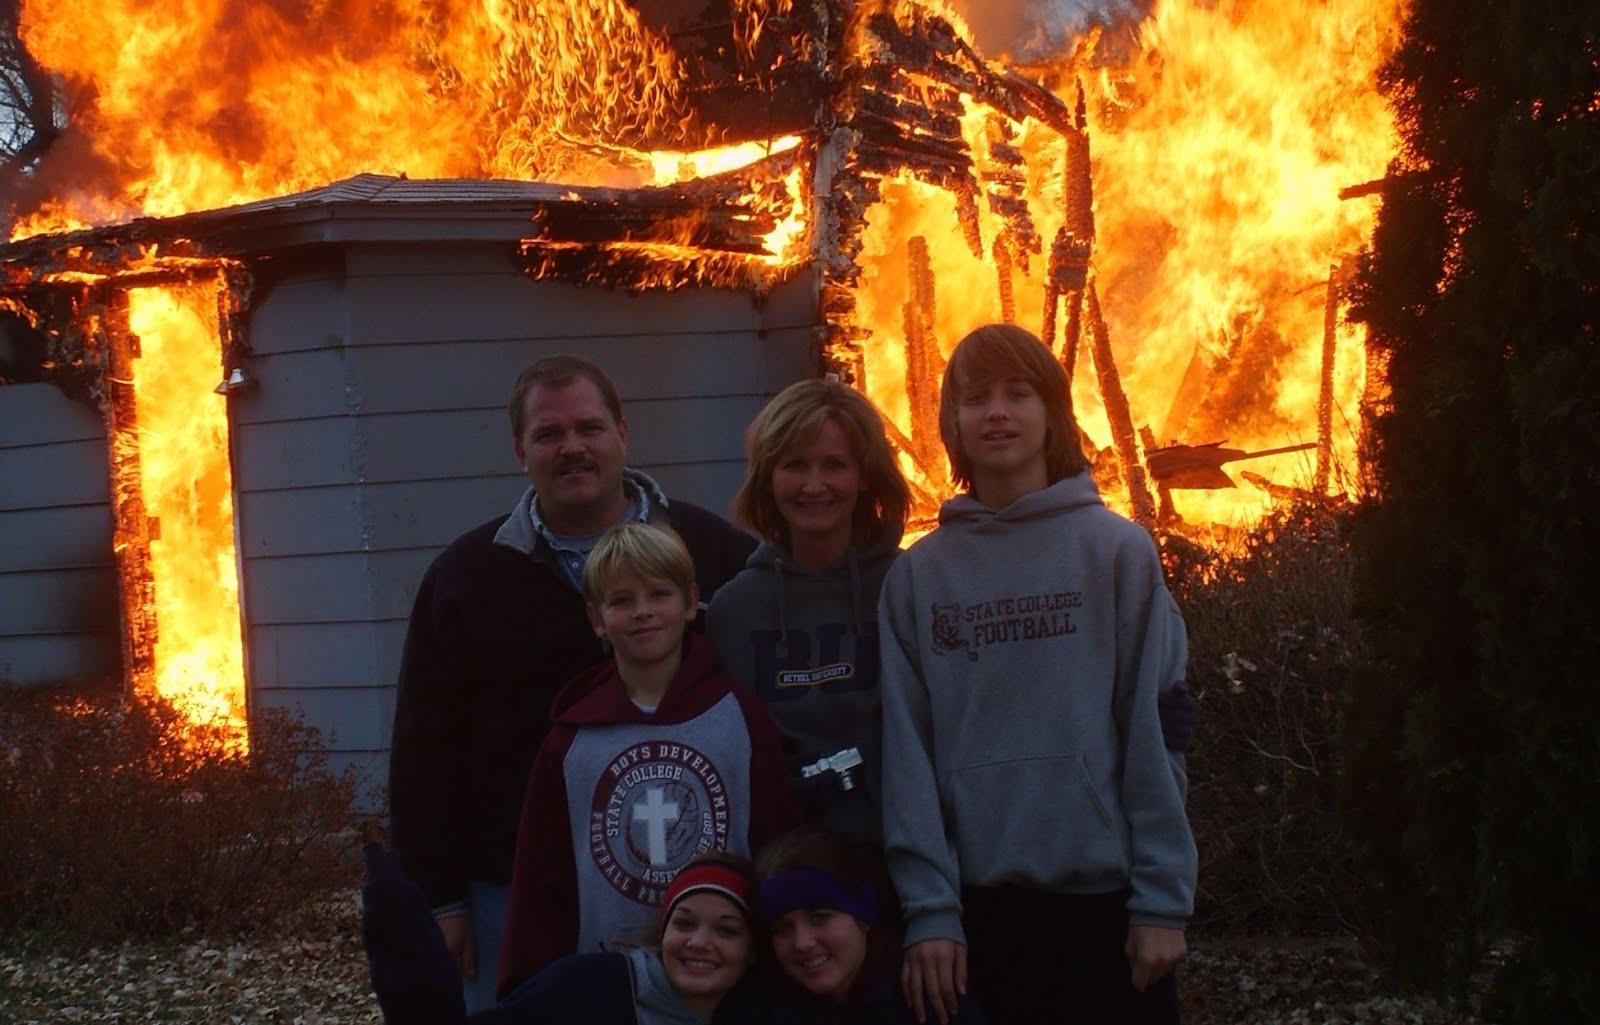 горящий дом.jpg